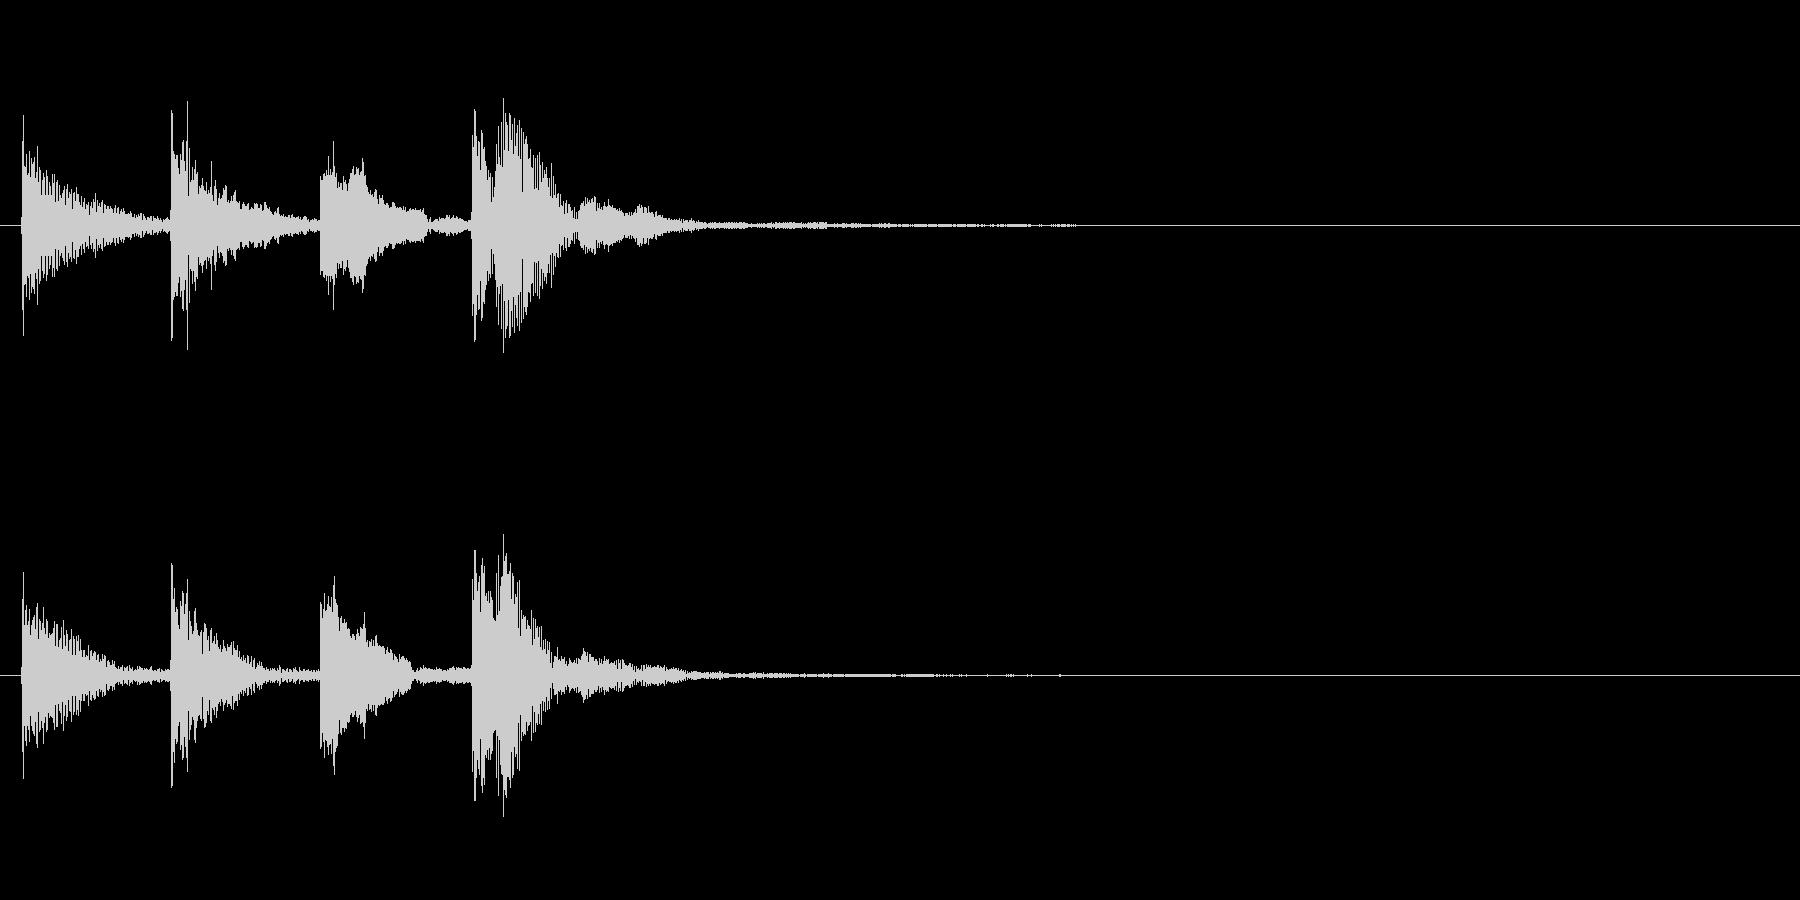 アフリカ民族楽器(チャイム風)の未再生の波形